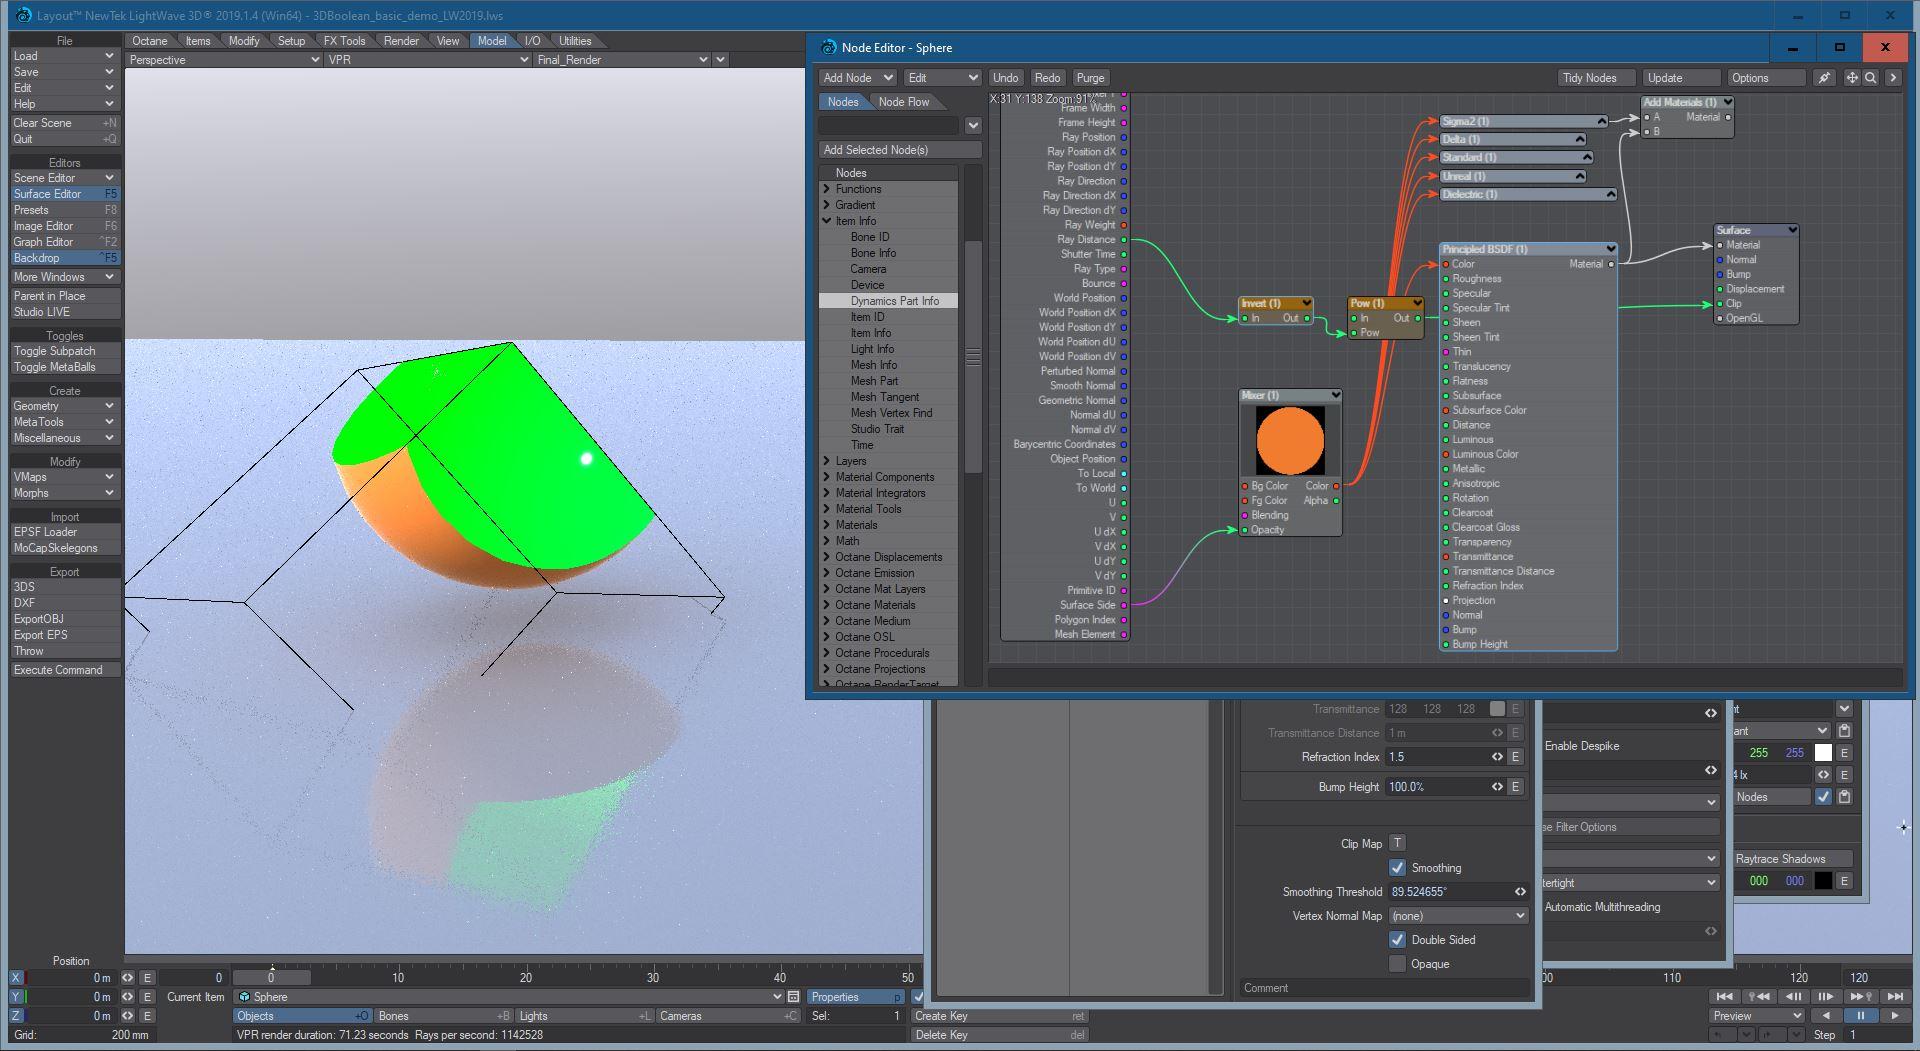 Nome: 2020-02-14 14_24_37-Layout™ NewTek LightWave 3D® 2019.1.4 (Win64) - 3DBoolean_basic_demo_LW2019..jpg Visite: 116 Dimensione: 262.1 KB